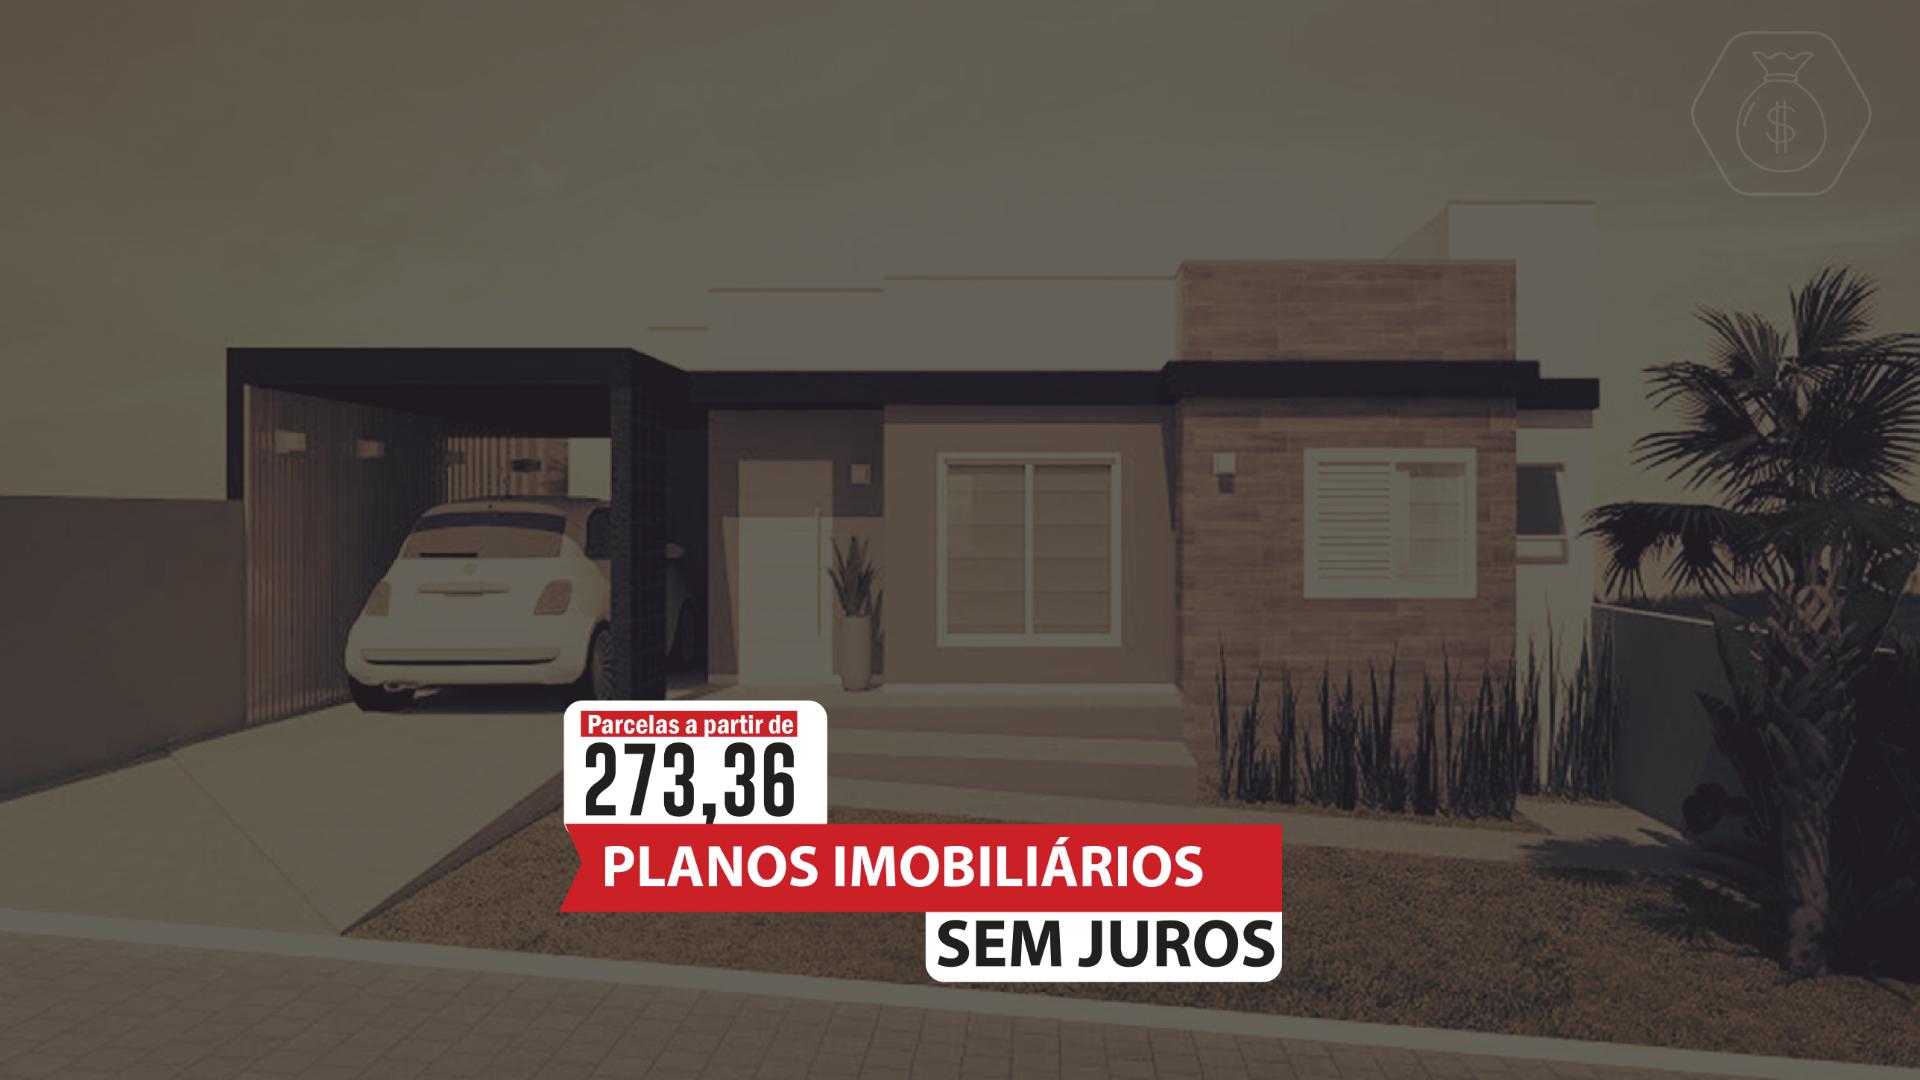 Planos Imobiliários Sem Juros, Life Consórcios - HS Consórcios